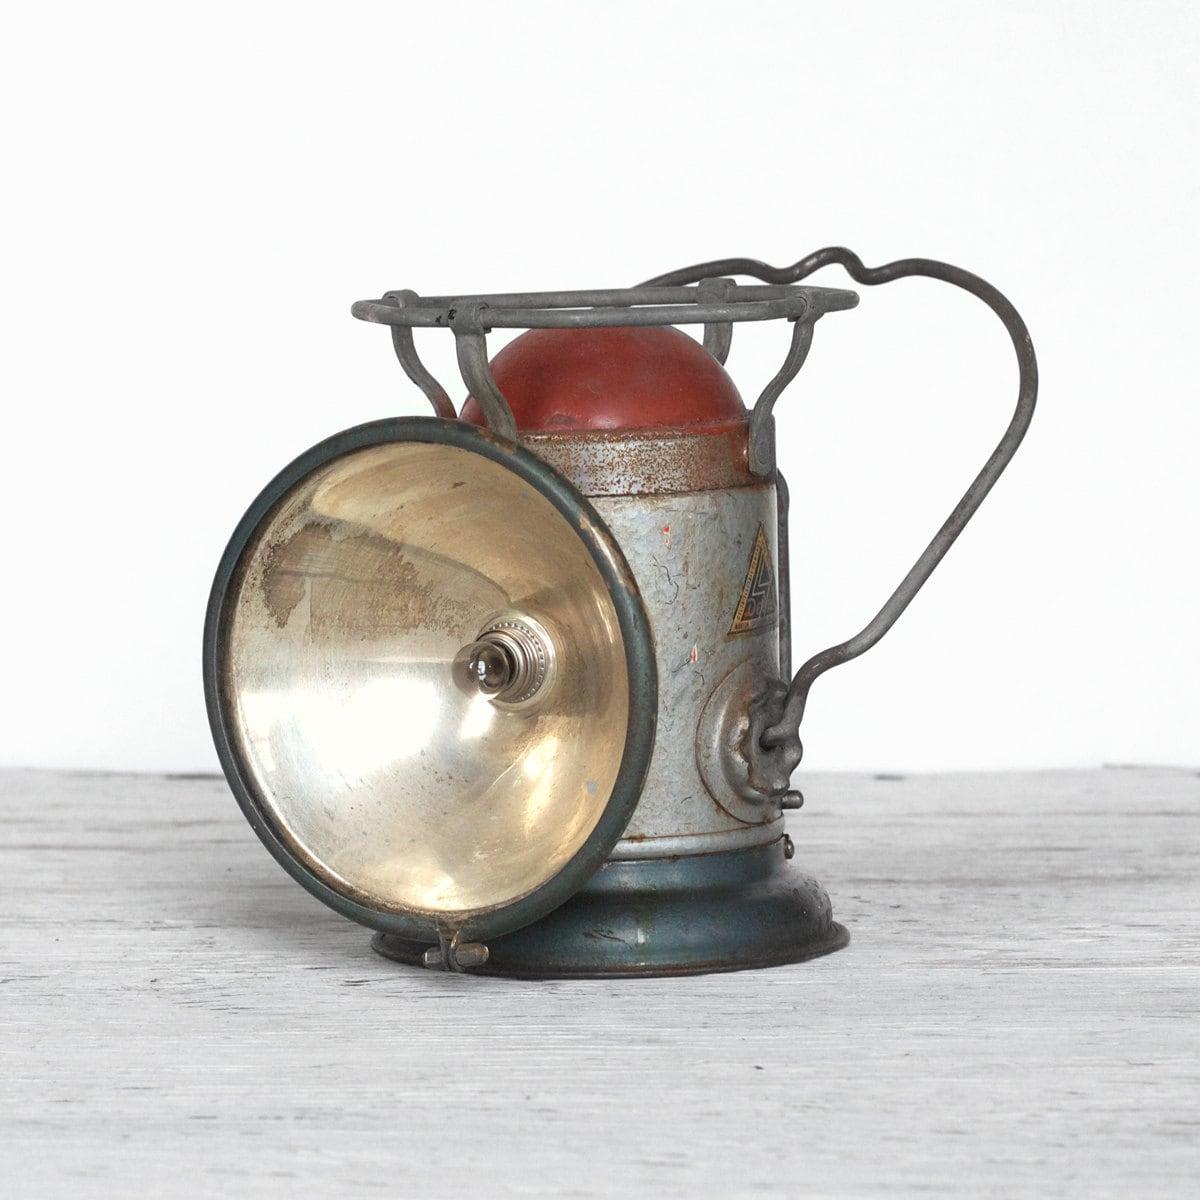 Antique Railroad Lantern Delta Powerlite Lantern Made In